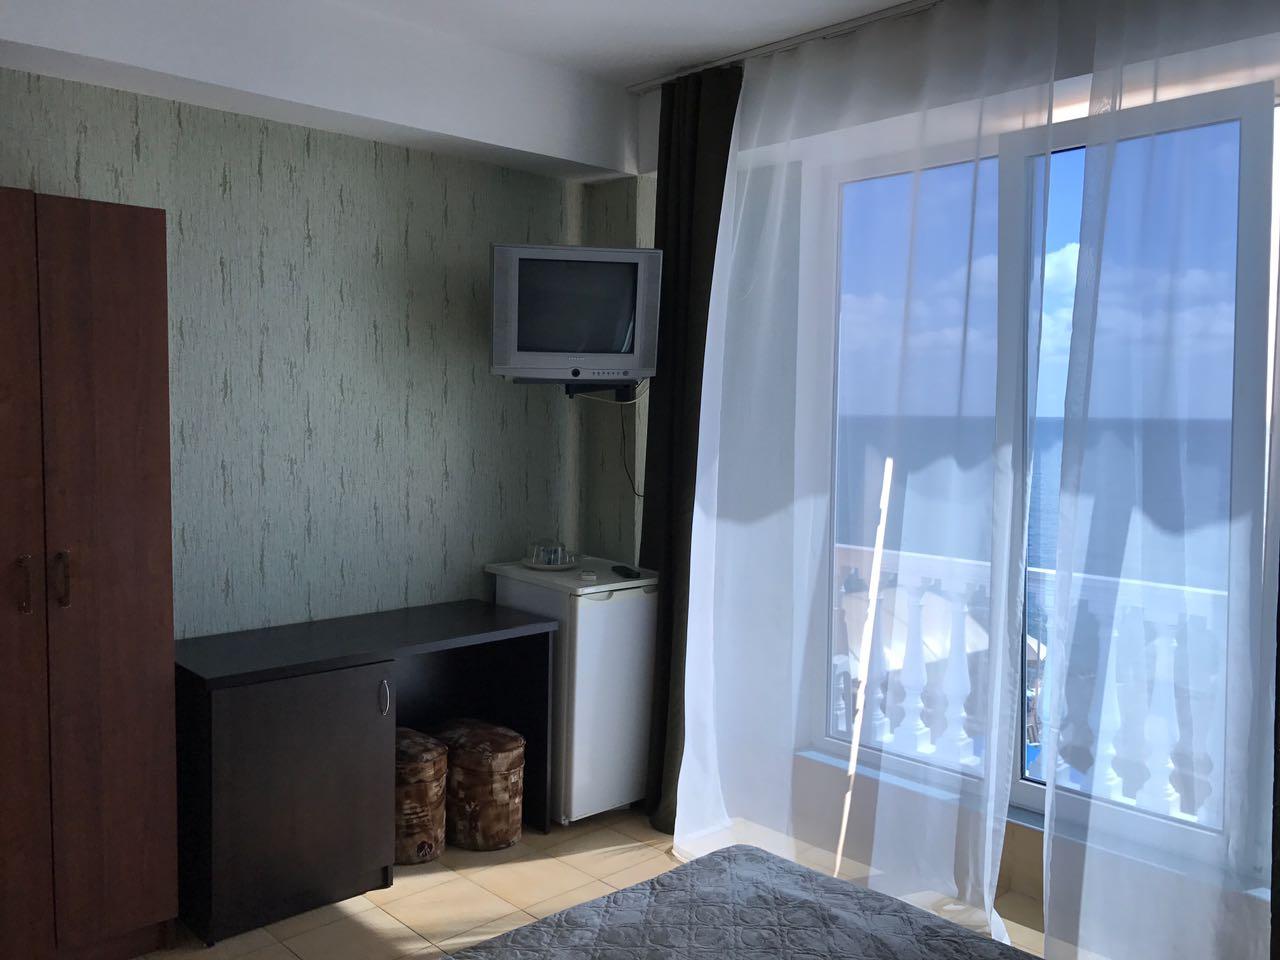 фото гостиницы маяк в лазаревском что